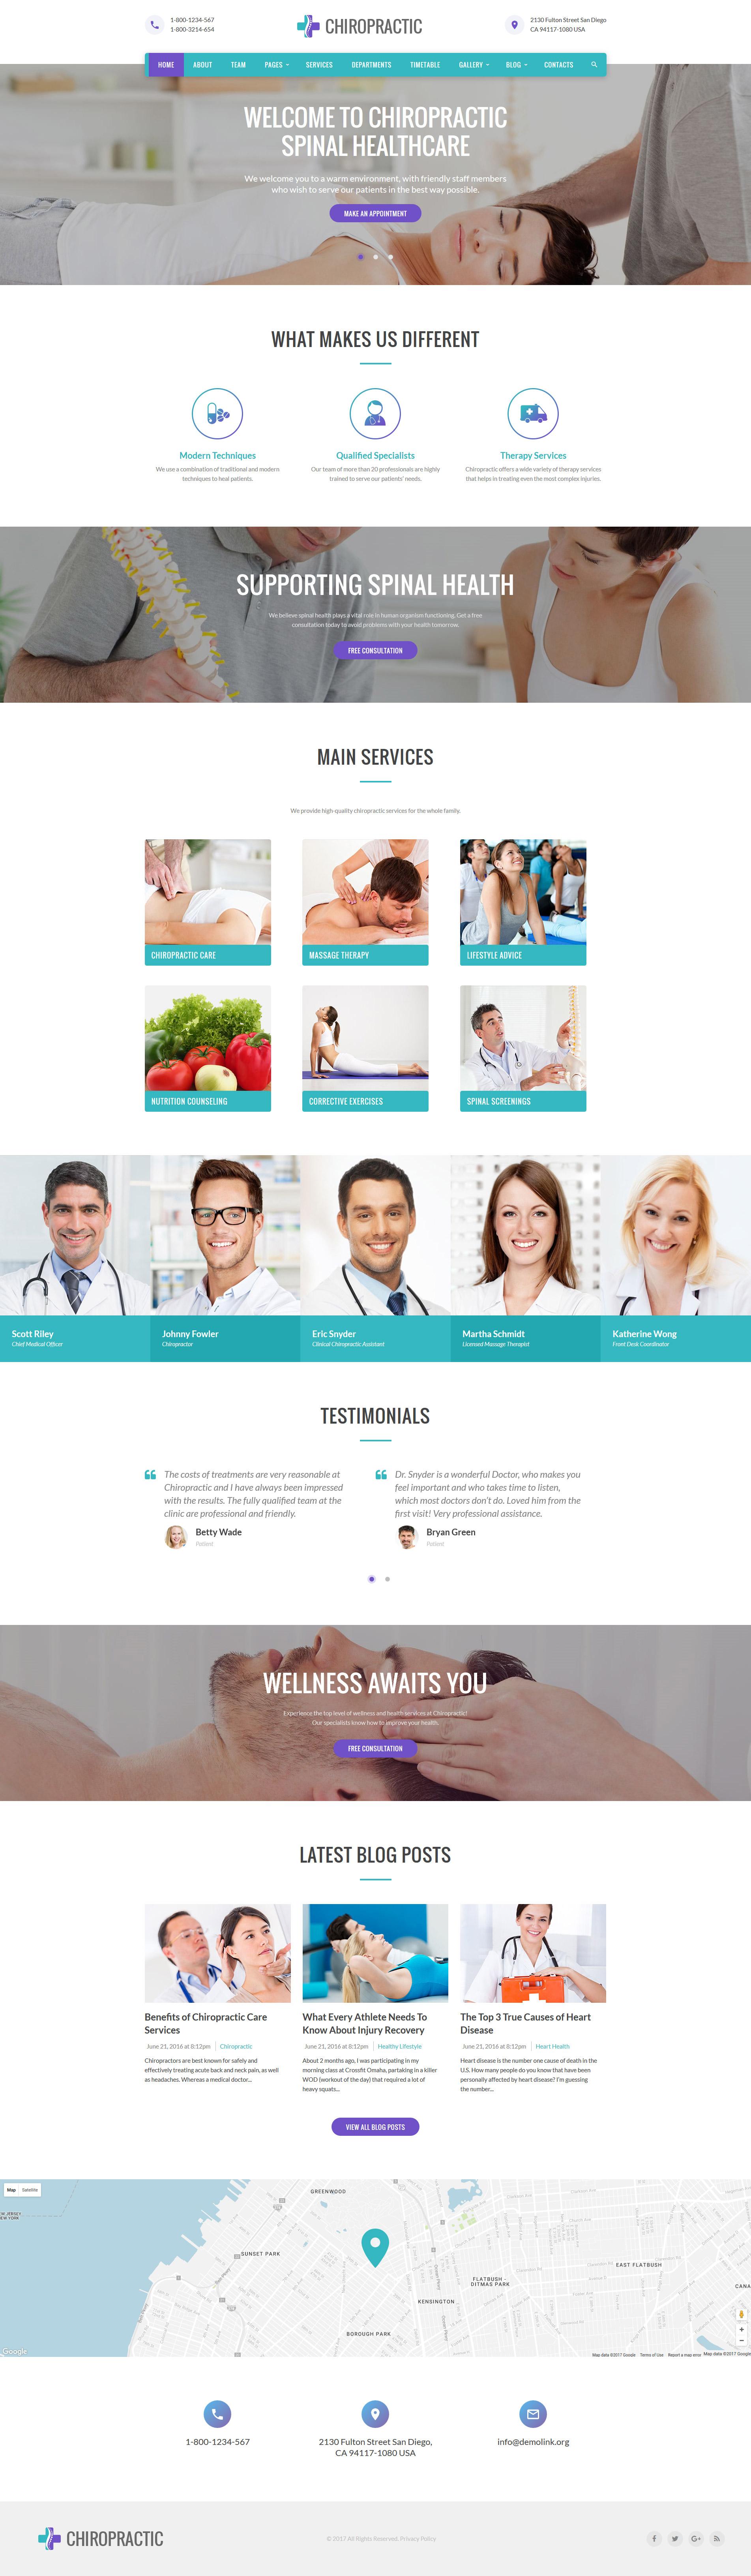 Responsywny szablon strony www Chiropractic - medycyna alternatywna #61218